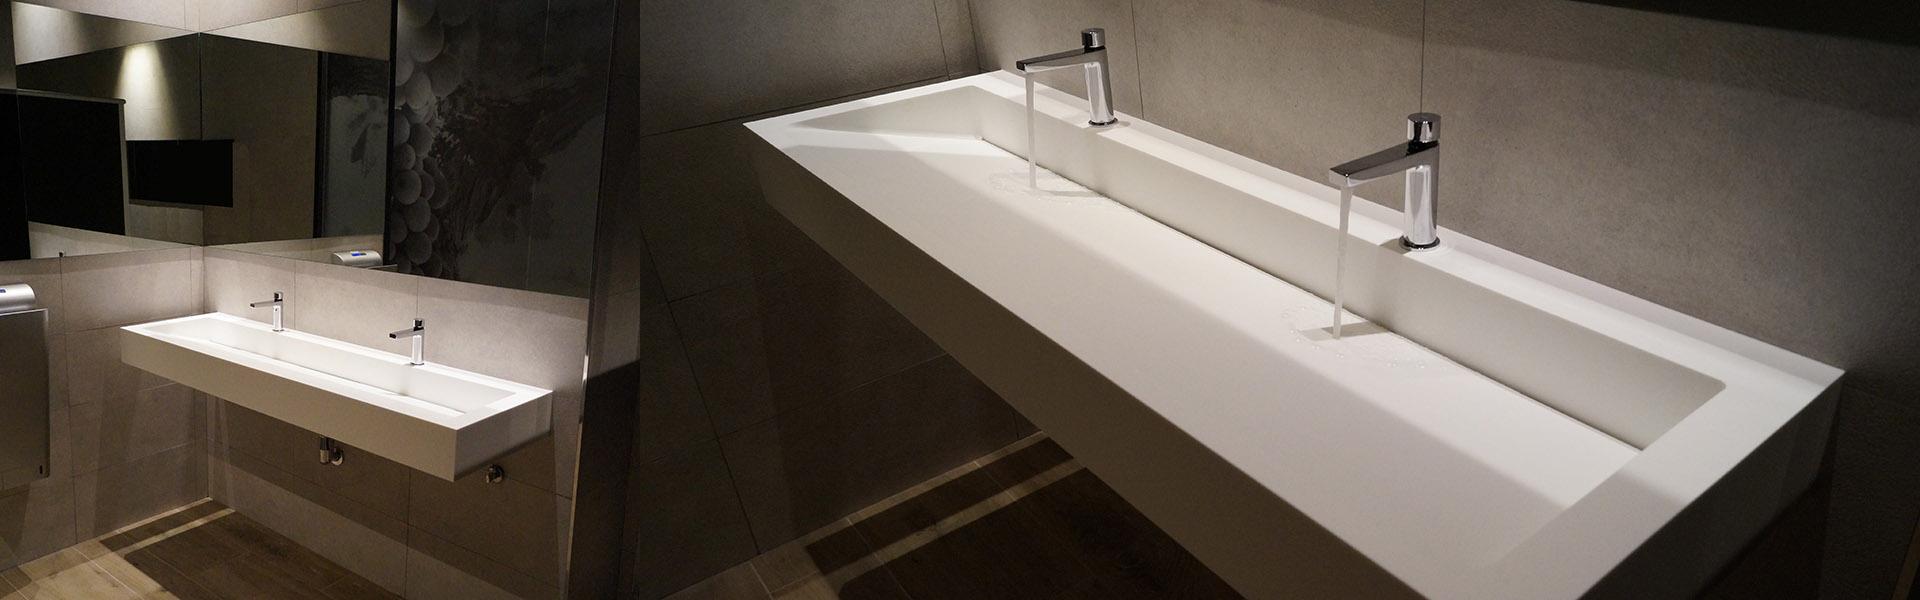 Superficie solida solid surface lavabo restaurante hosteleria diseño valvula invisible corian lg hi-macs staron krion avonite glacier white Trecoam